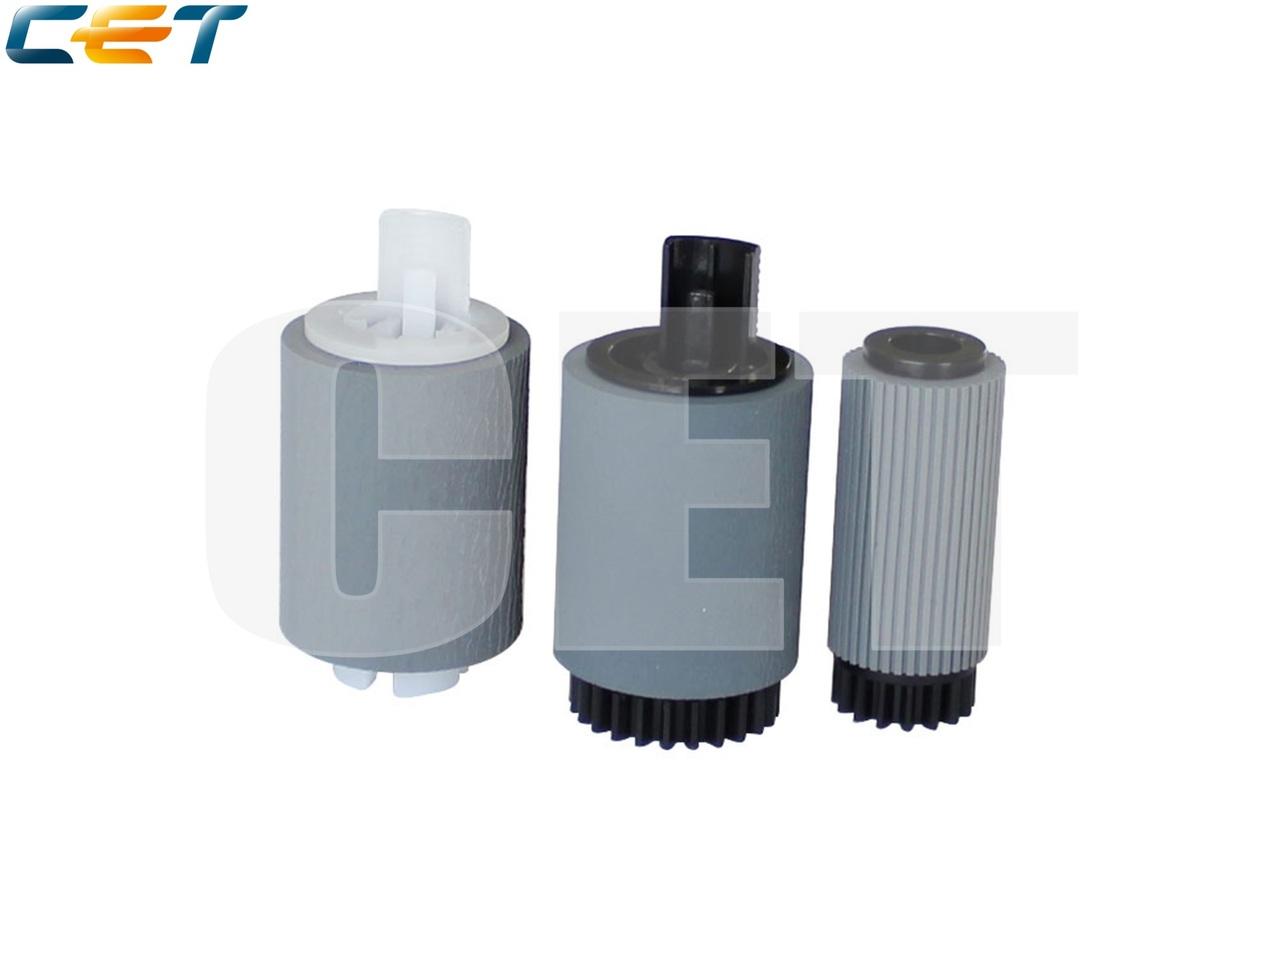 Комплект роликов FB6-3405-000, FC5-6934-000, FC6-6661-000для CANON iR2270/2870/3570 (CET), CET3502